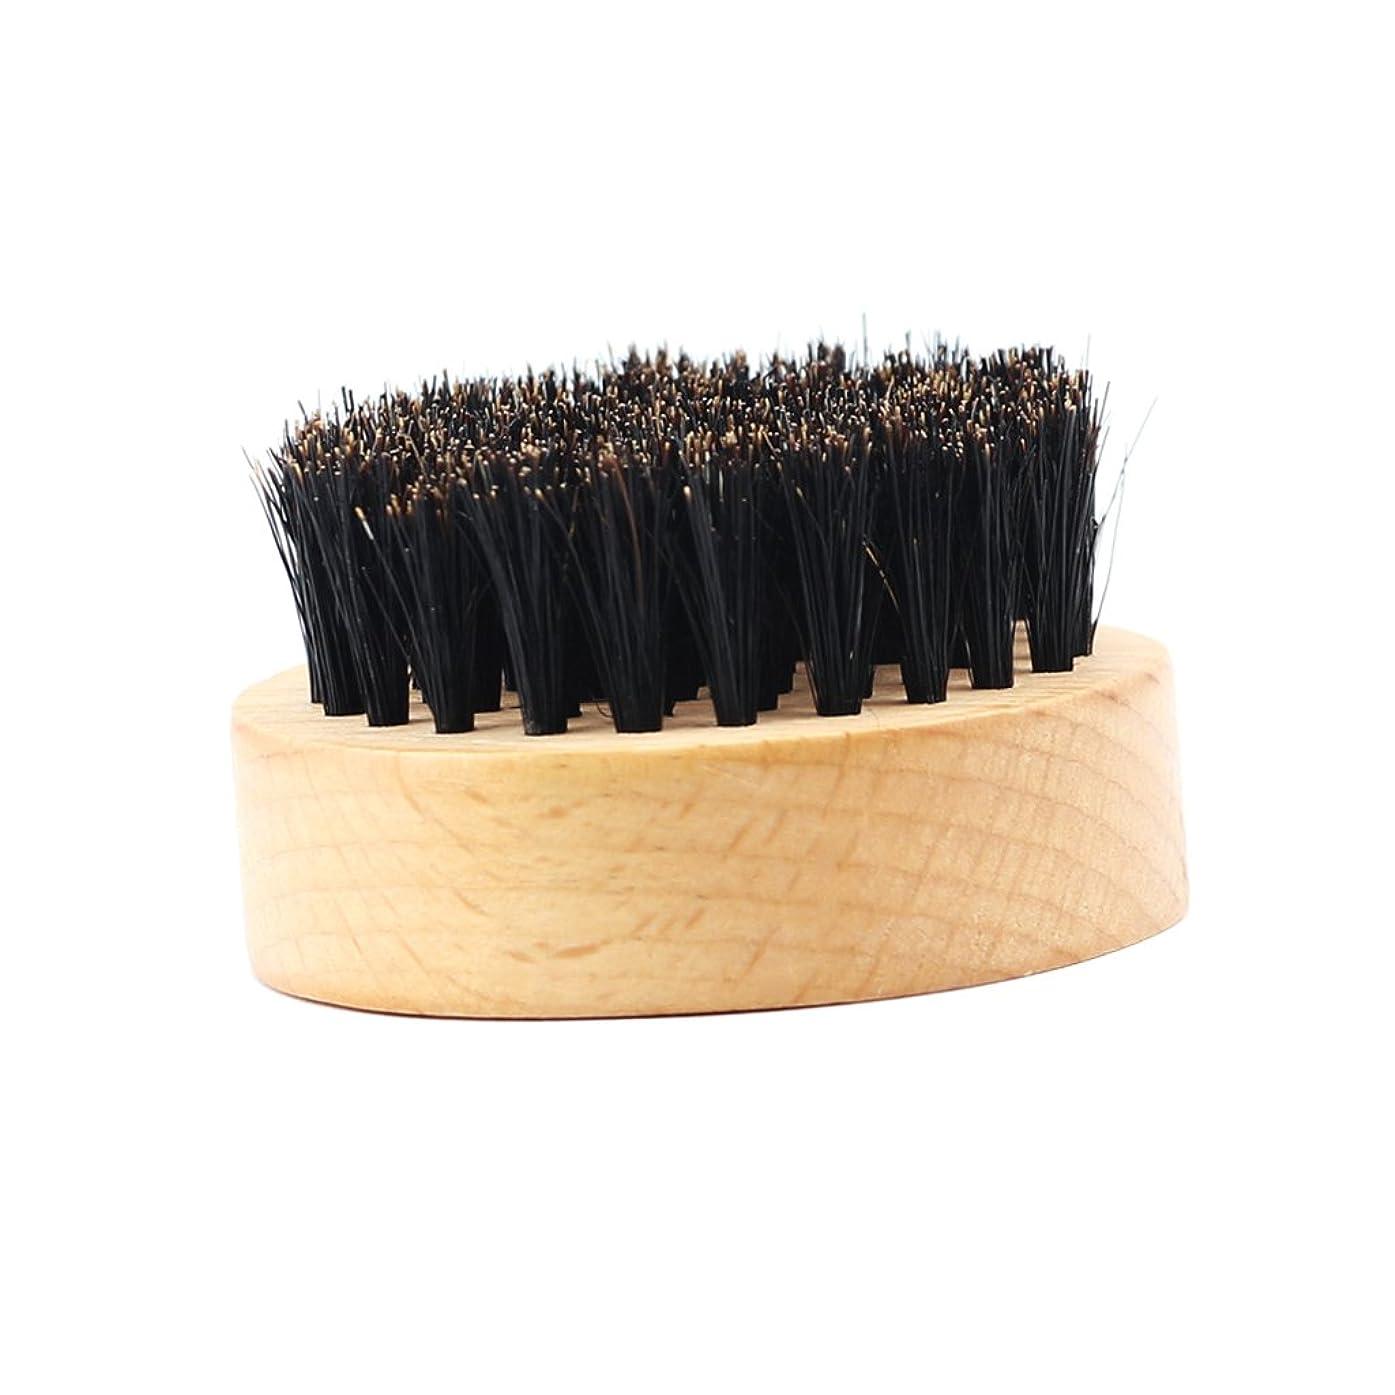 テキスト変動する研磨剤DYNWAVE 男性のひげ剃り猪ブリスル天然木ハンドルひげそりグルーミング - #2